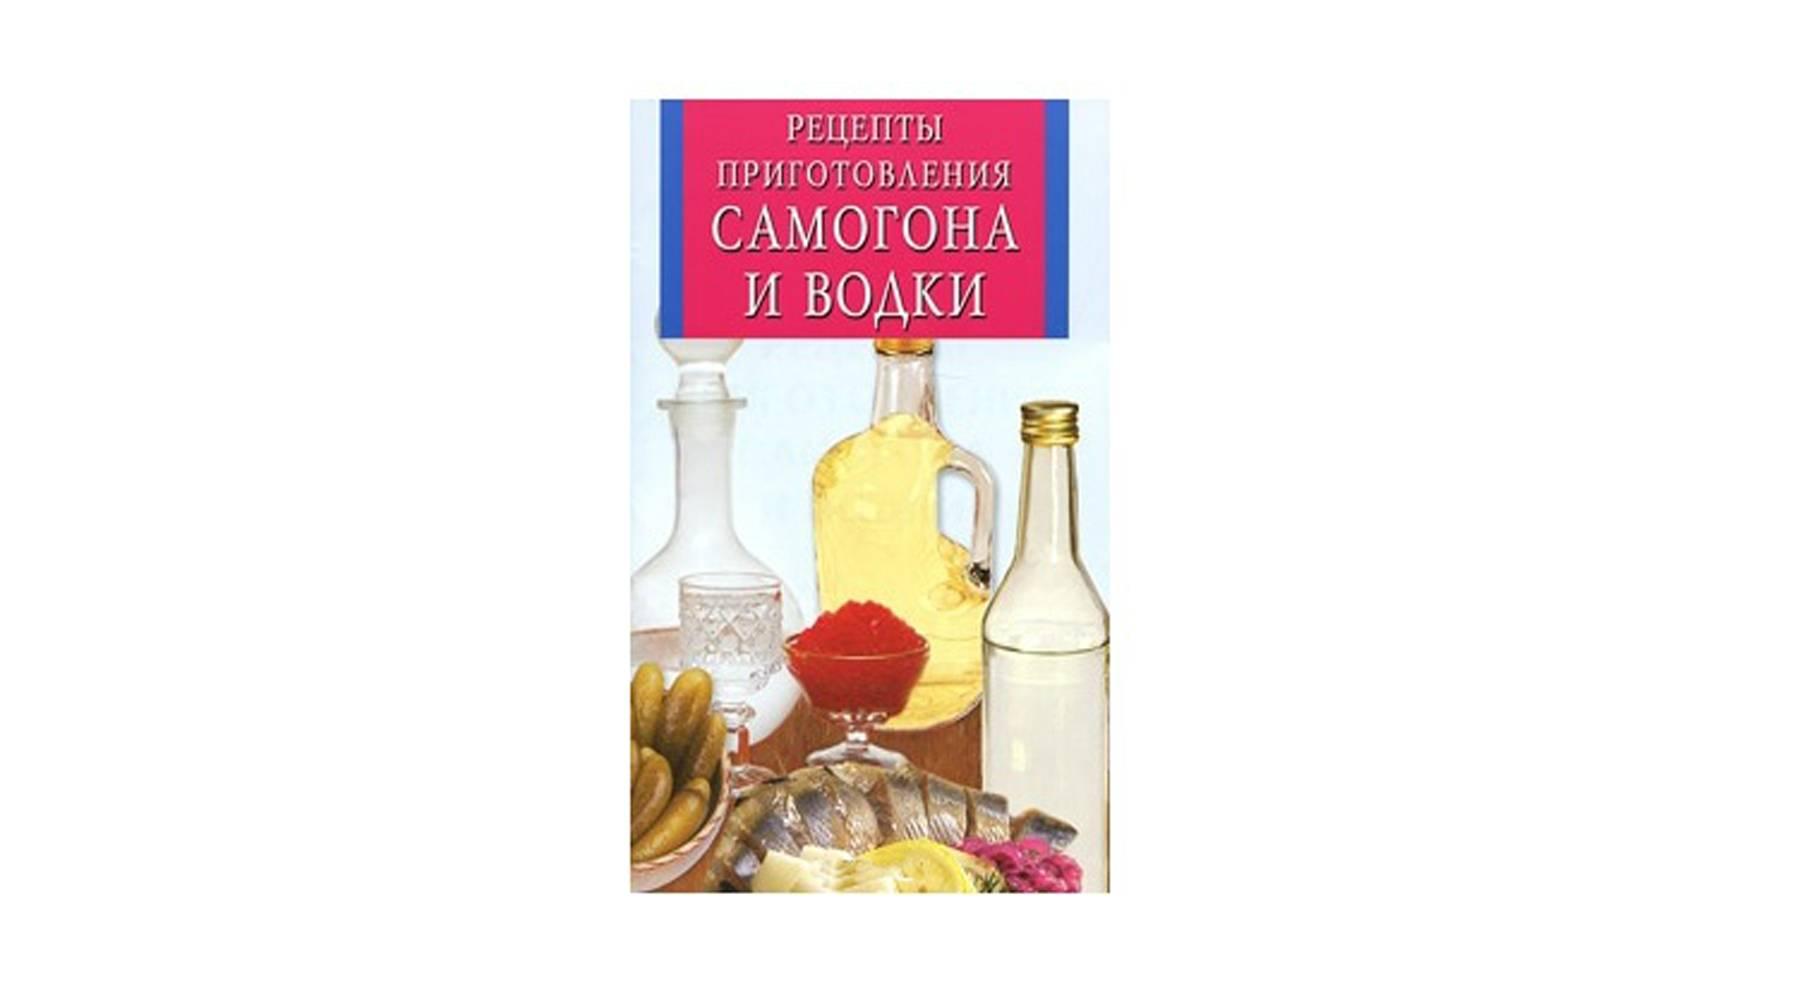 Как сделать домашнюю водку из самогона? рецепты вкусной водки   про самогон и другие напитки ?   яндекс дзен